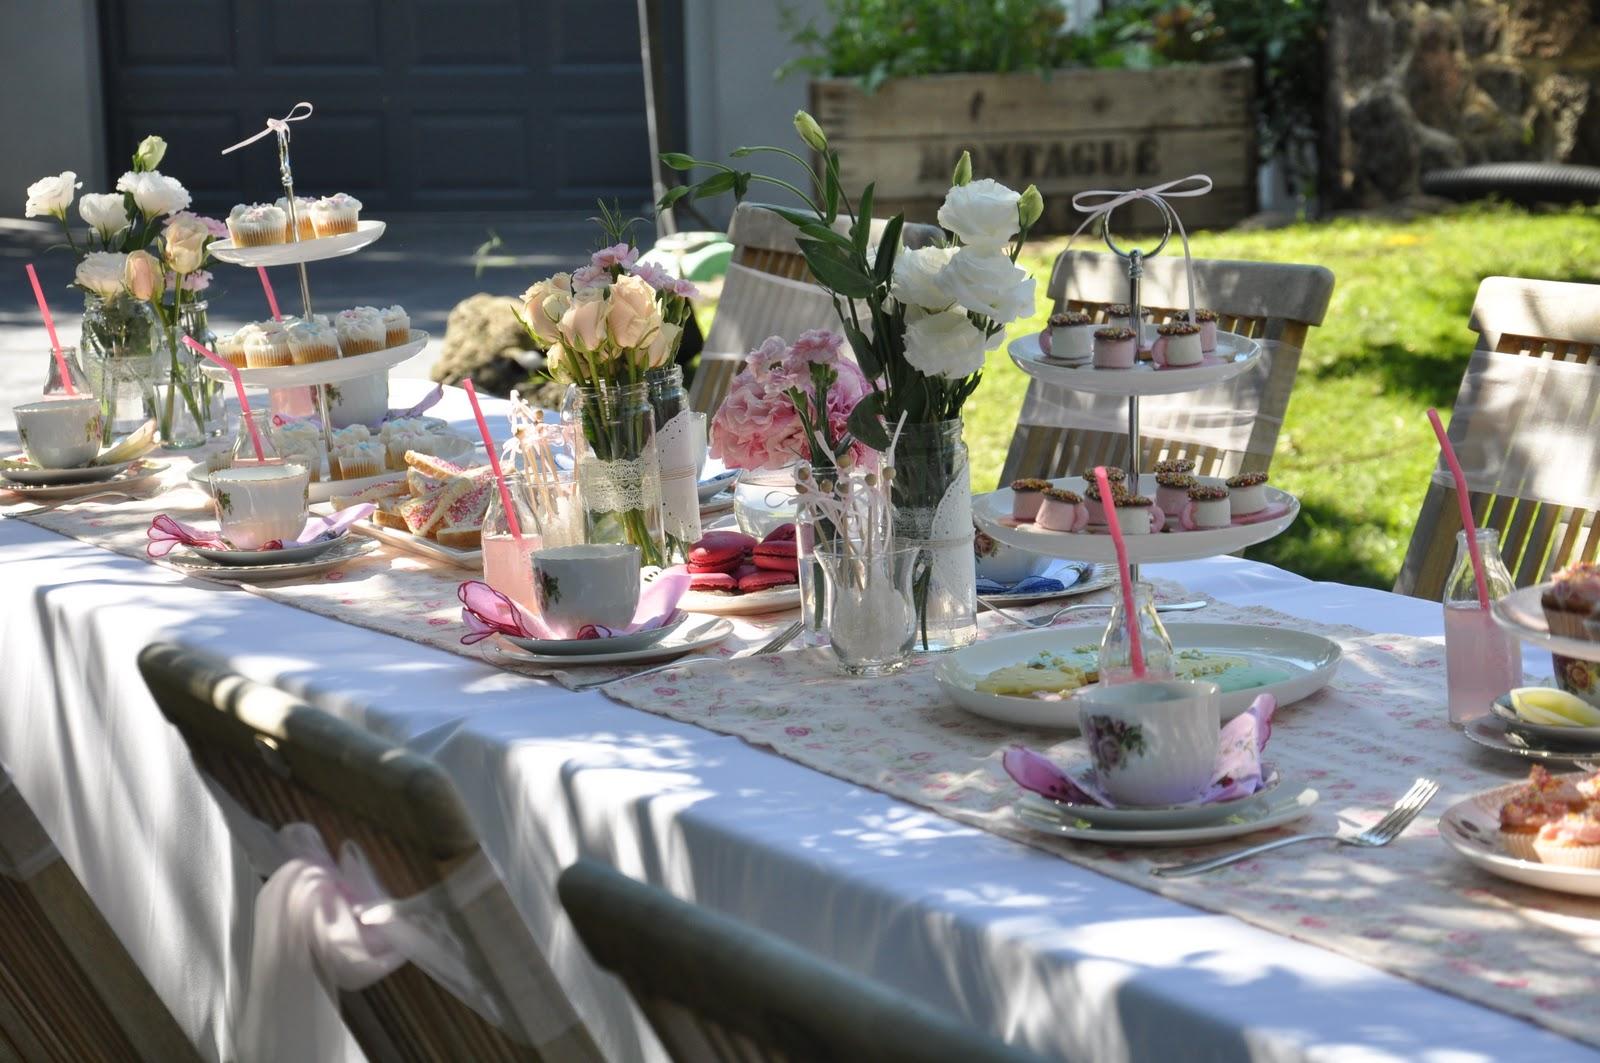 The Vintage Garden Tea Party Asian Wedding Ideas Summer Setting